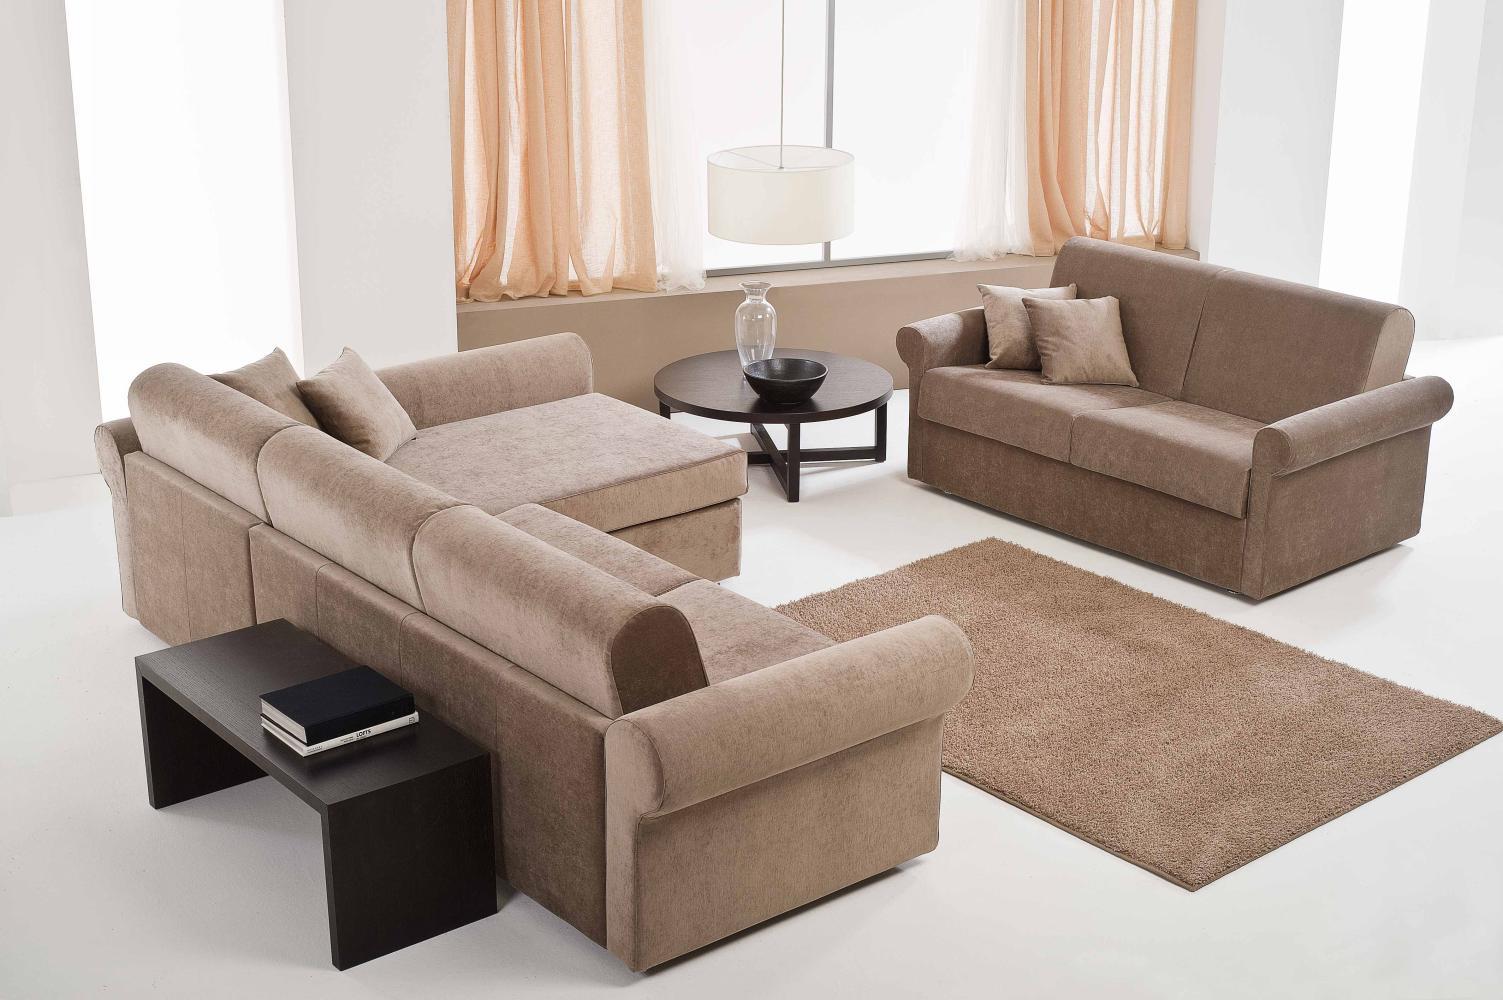 Componibili con chaise longue emporiodivani sedute - Divani letto chaise longue ...